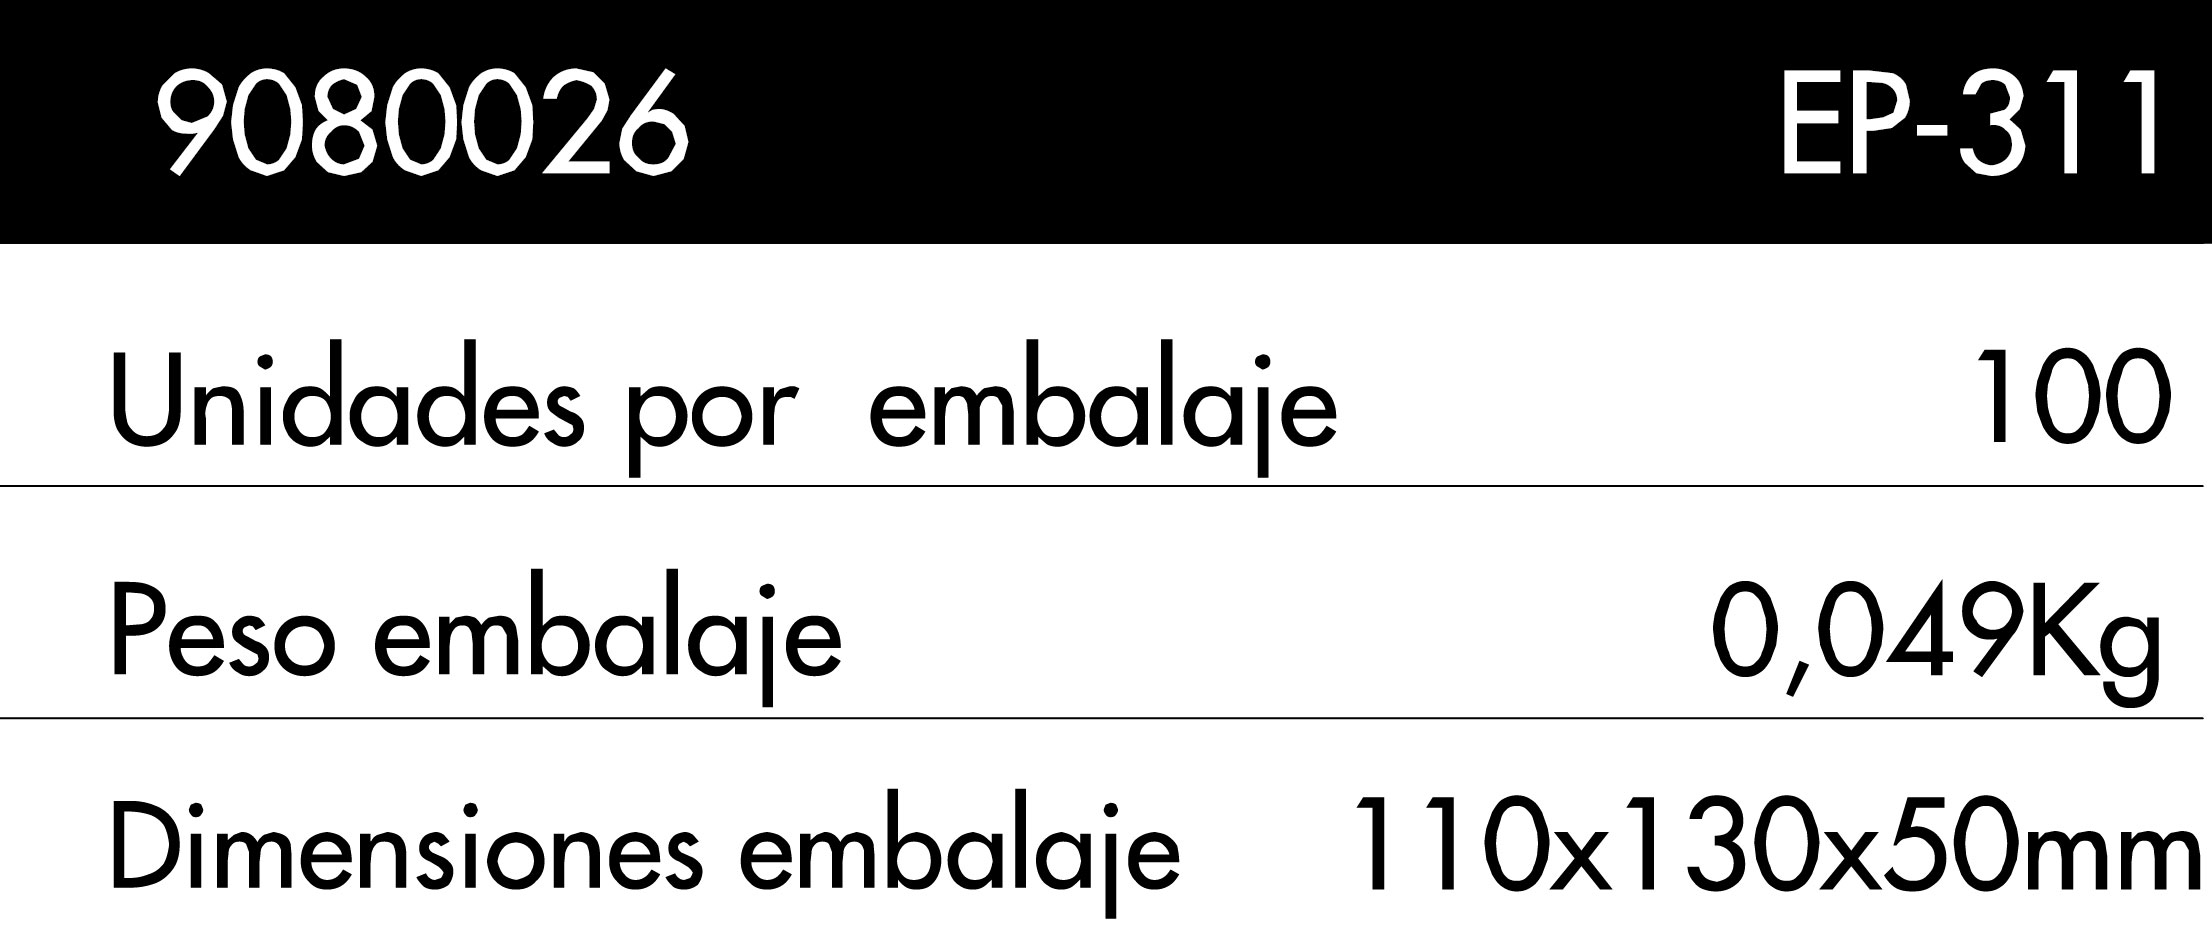 9080026-tablaES.jpg